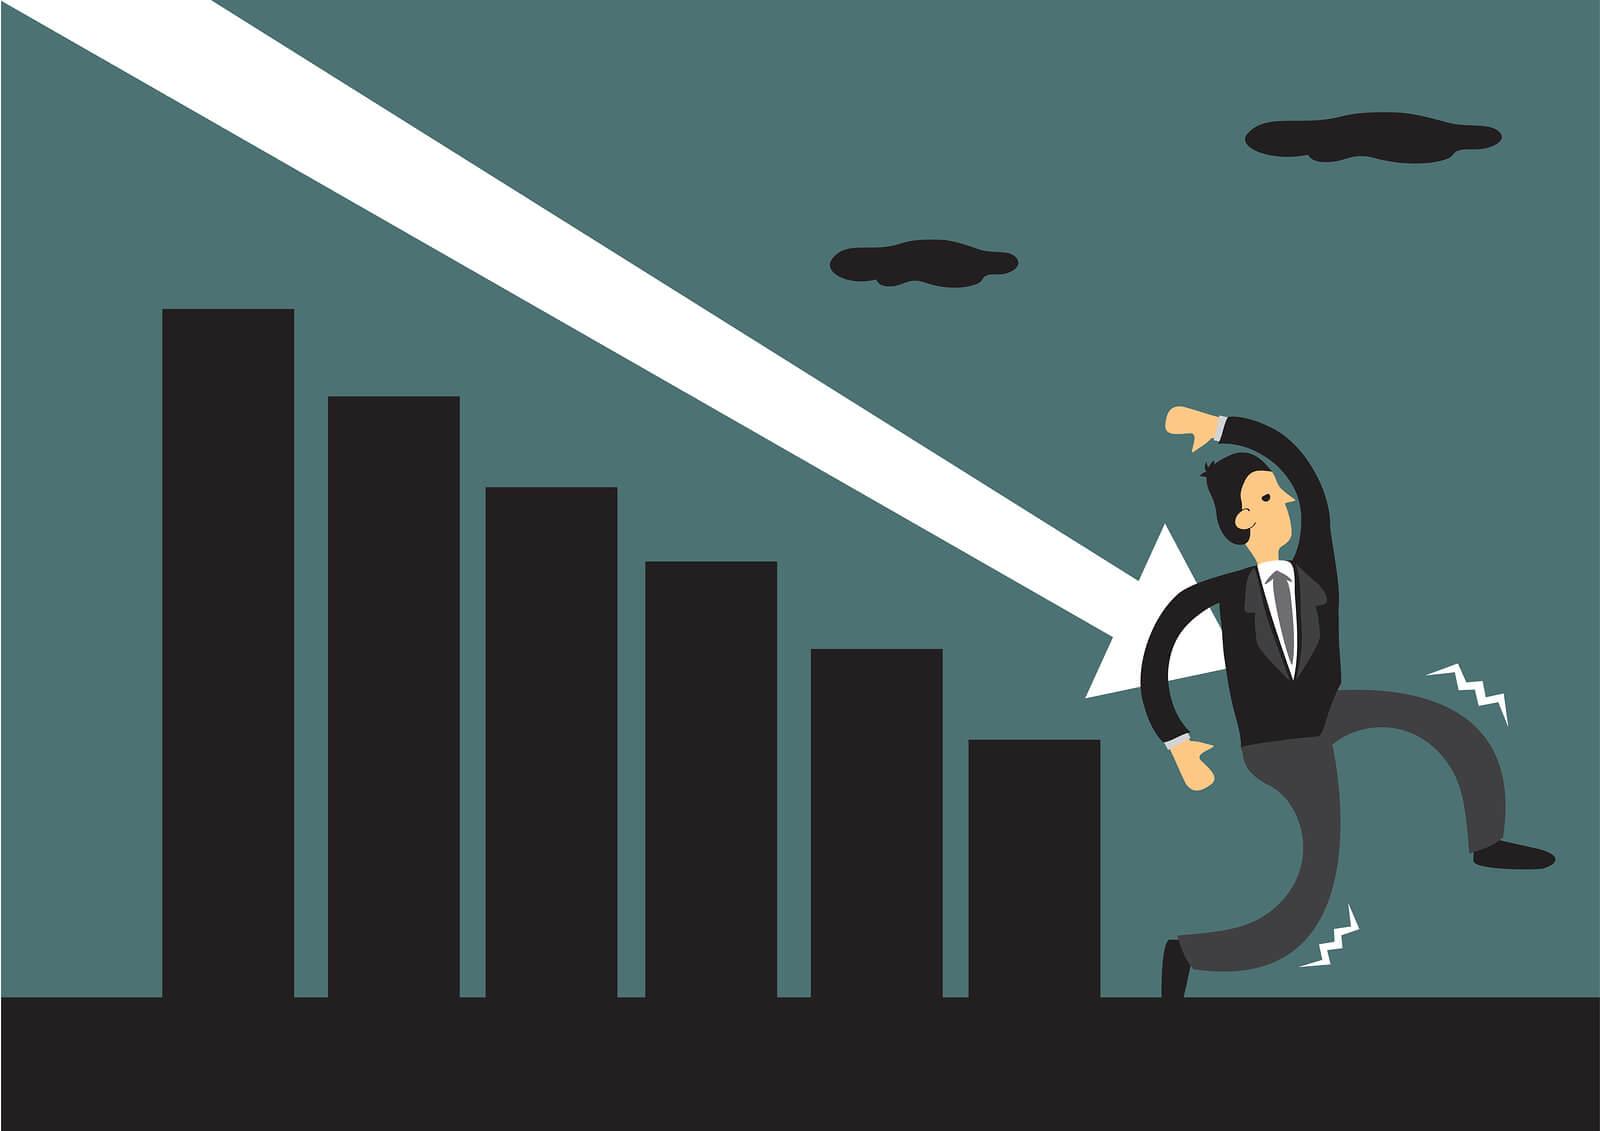 Crisis en el liderazgo: ¿cómo recuperar la confianza perdida?